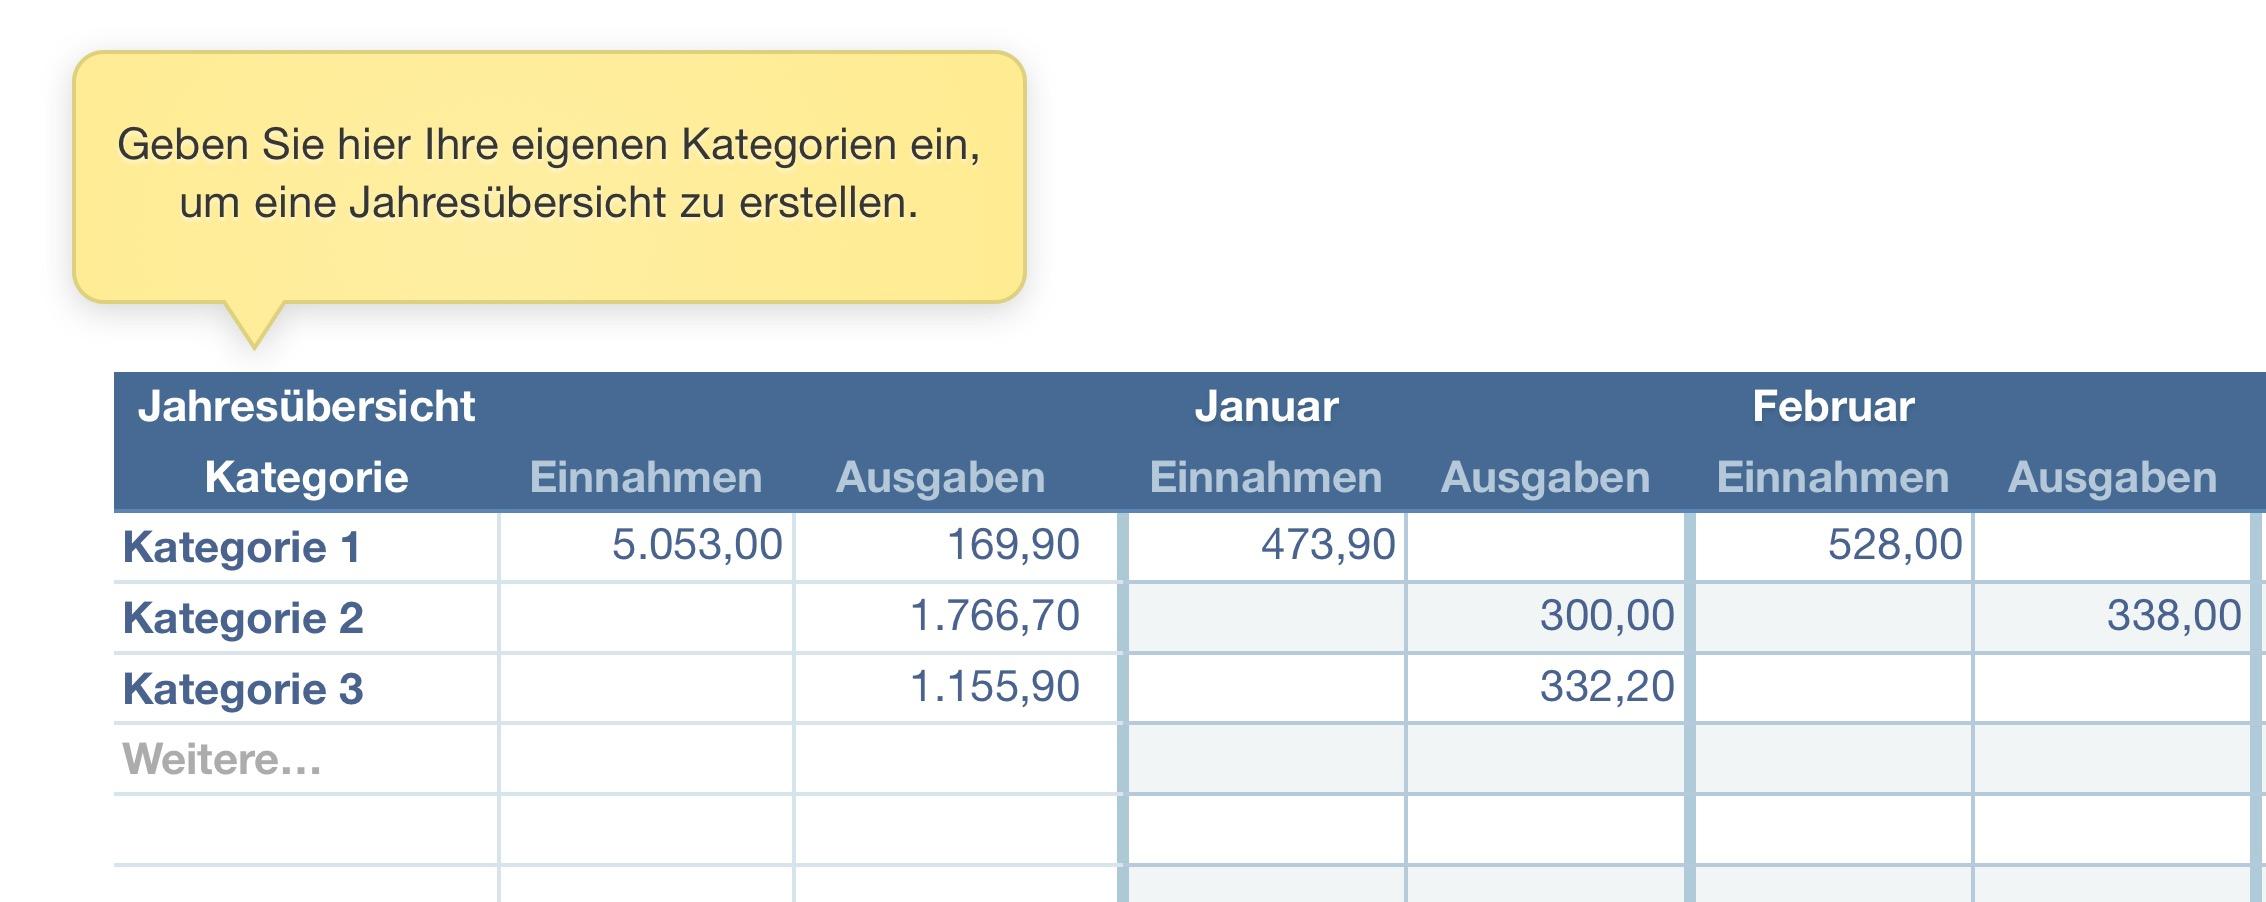 Fein Neue Geschäftsbudgetvorlage Galerie - Beispiel Wiederaufnahme ...